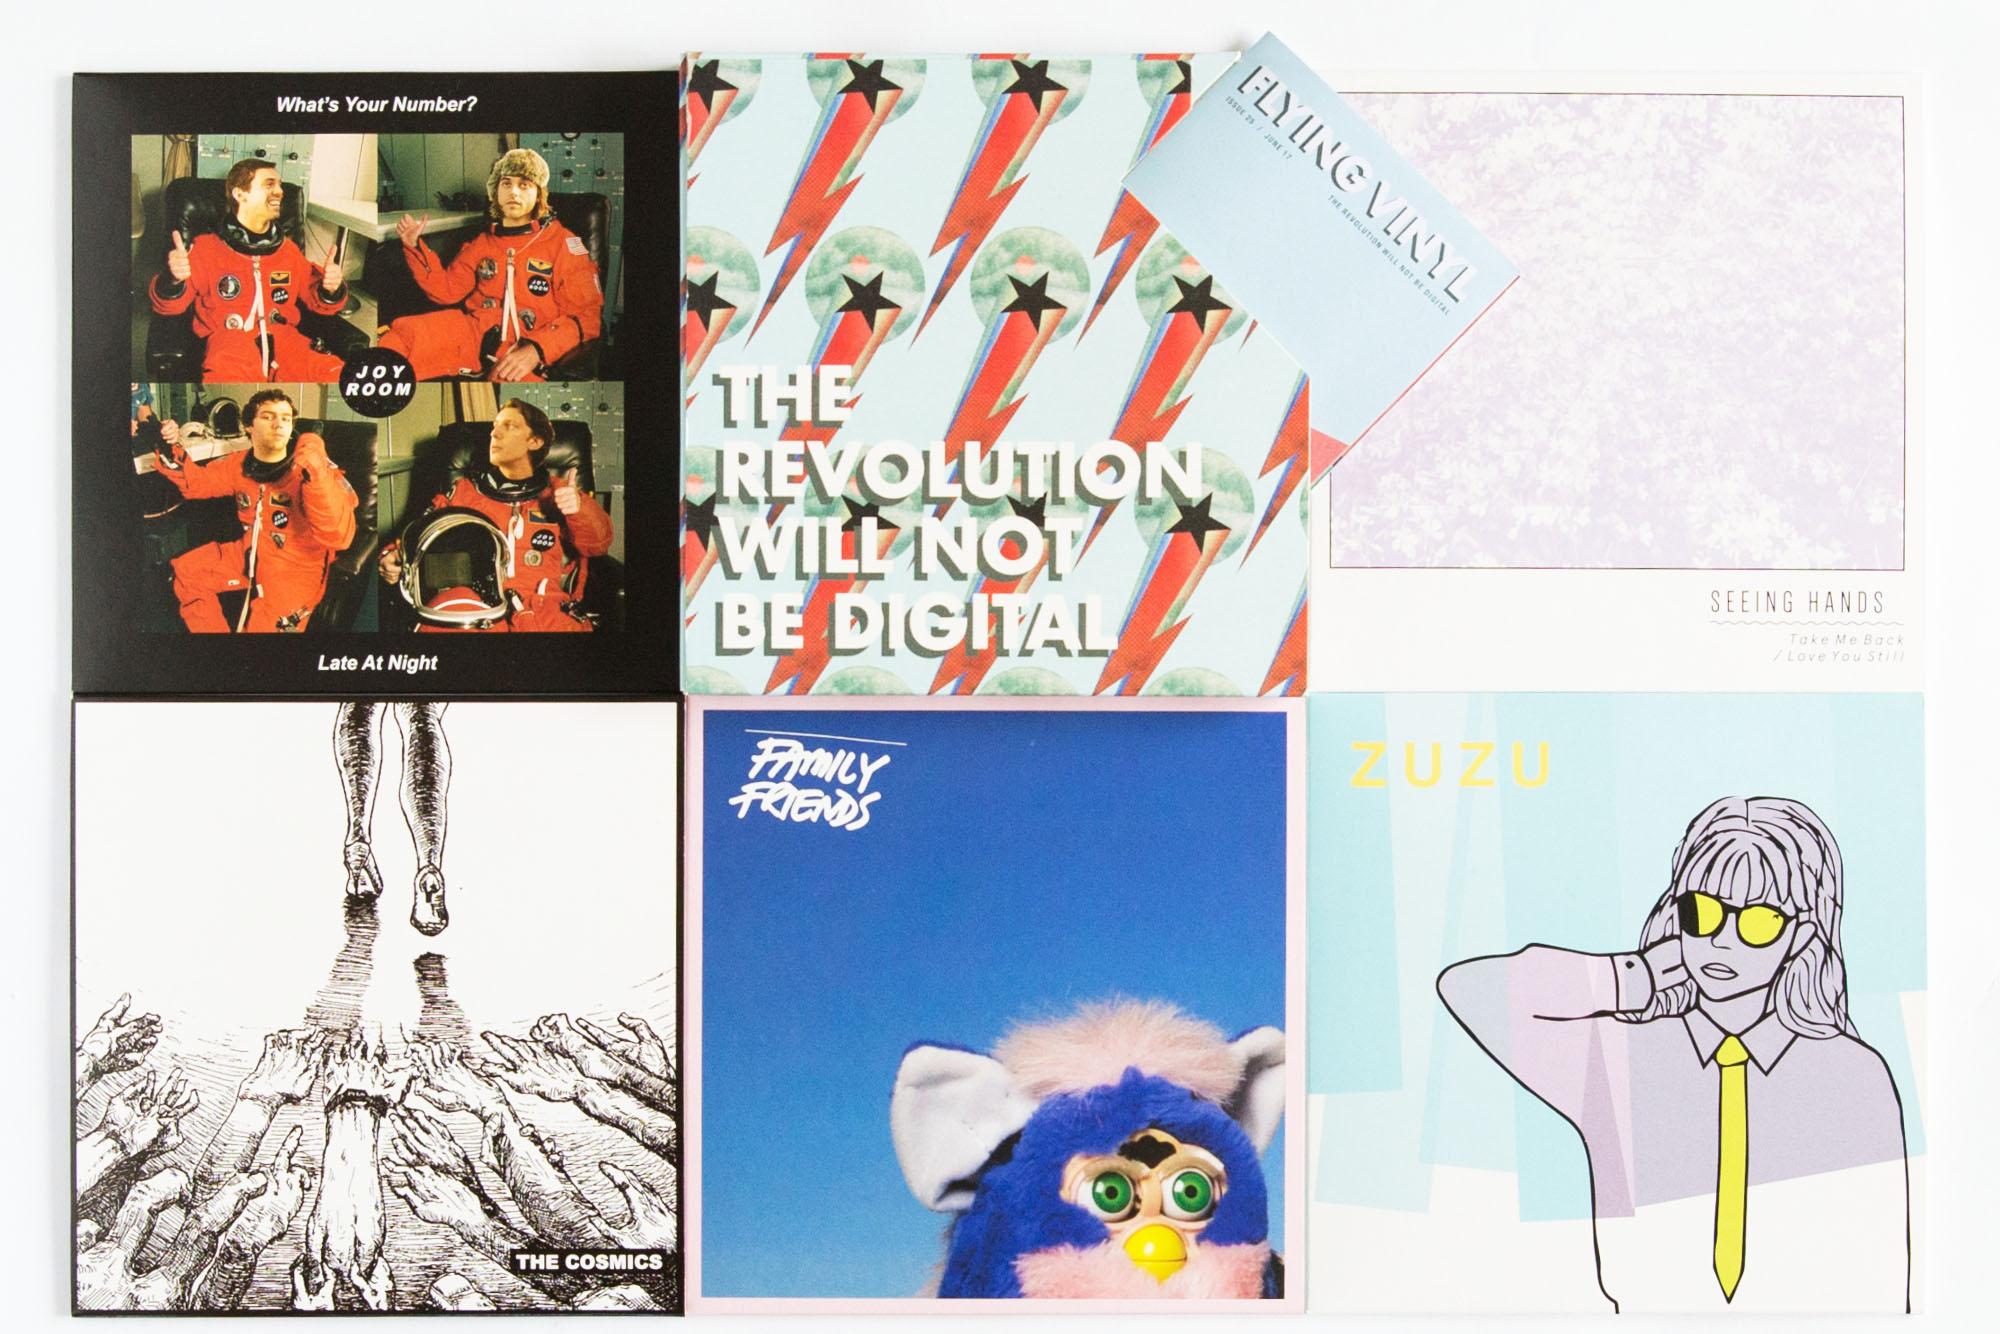 Flying Vinyl - Für Musikbegeisterte und Sammler